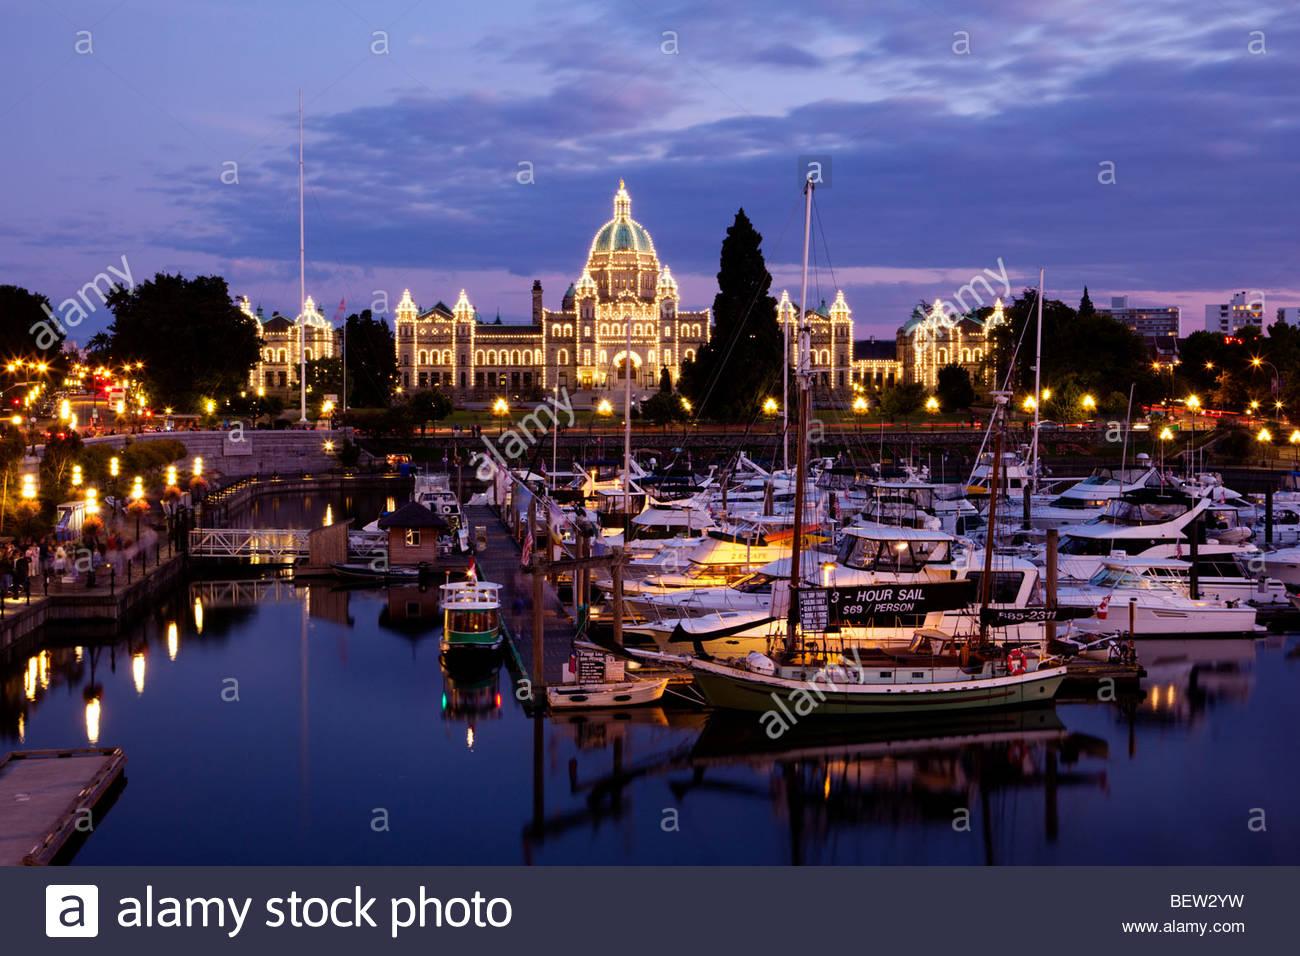 Il Palazzo del Parlamento luci, Victoria, British Columbia Foto Stock